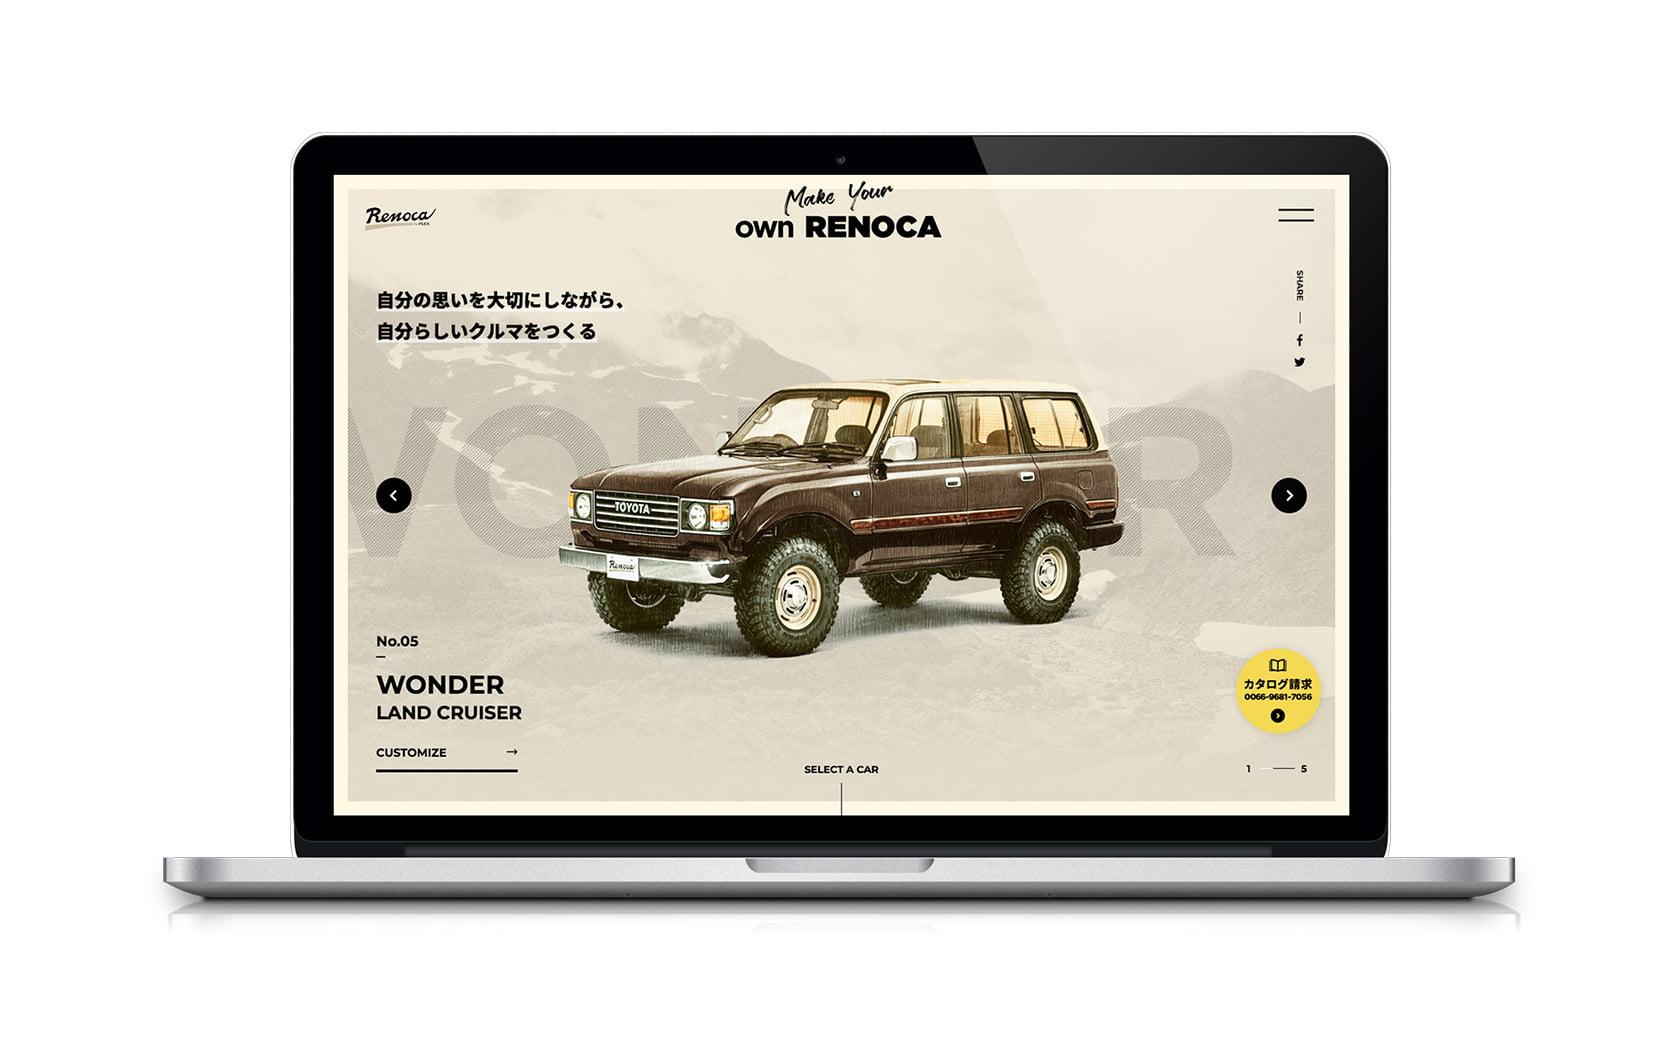 renoca_mock